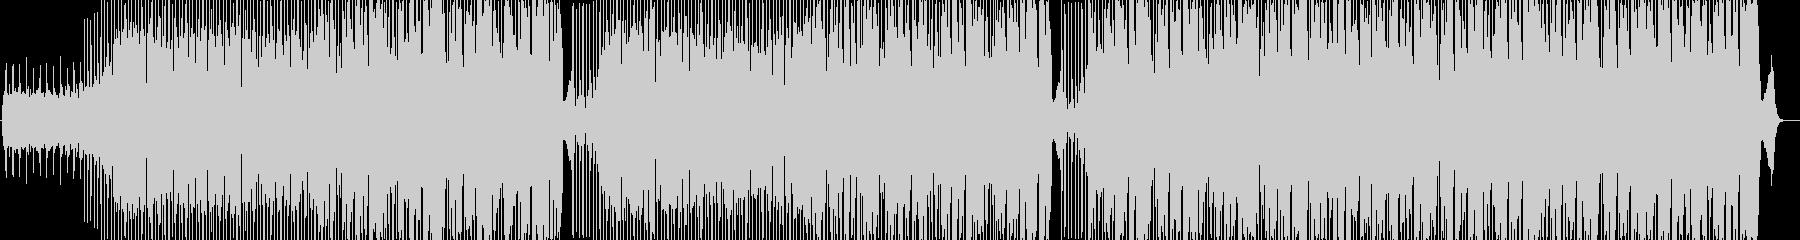 ソロピアノ。歌の伴奏として。の未再生の波形